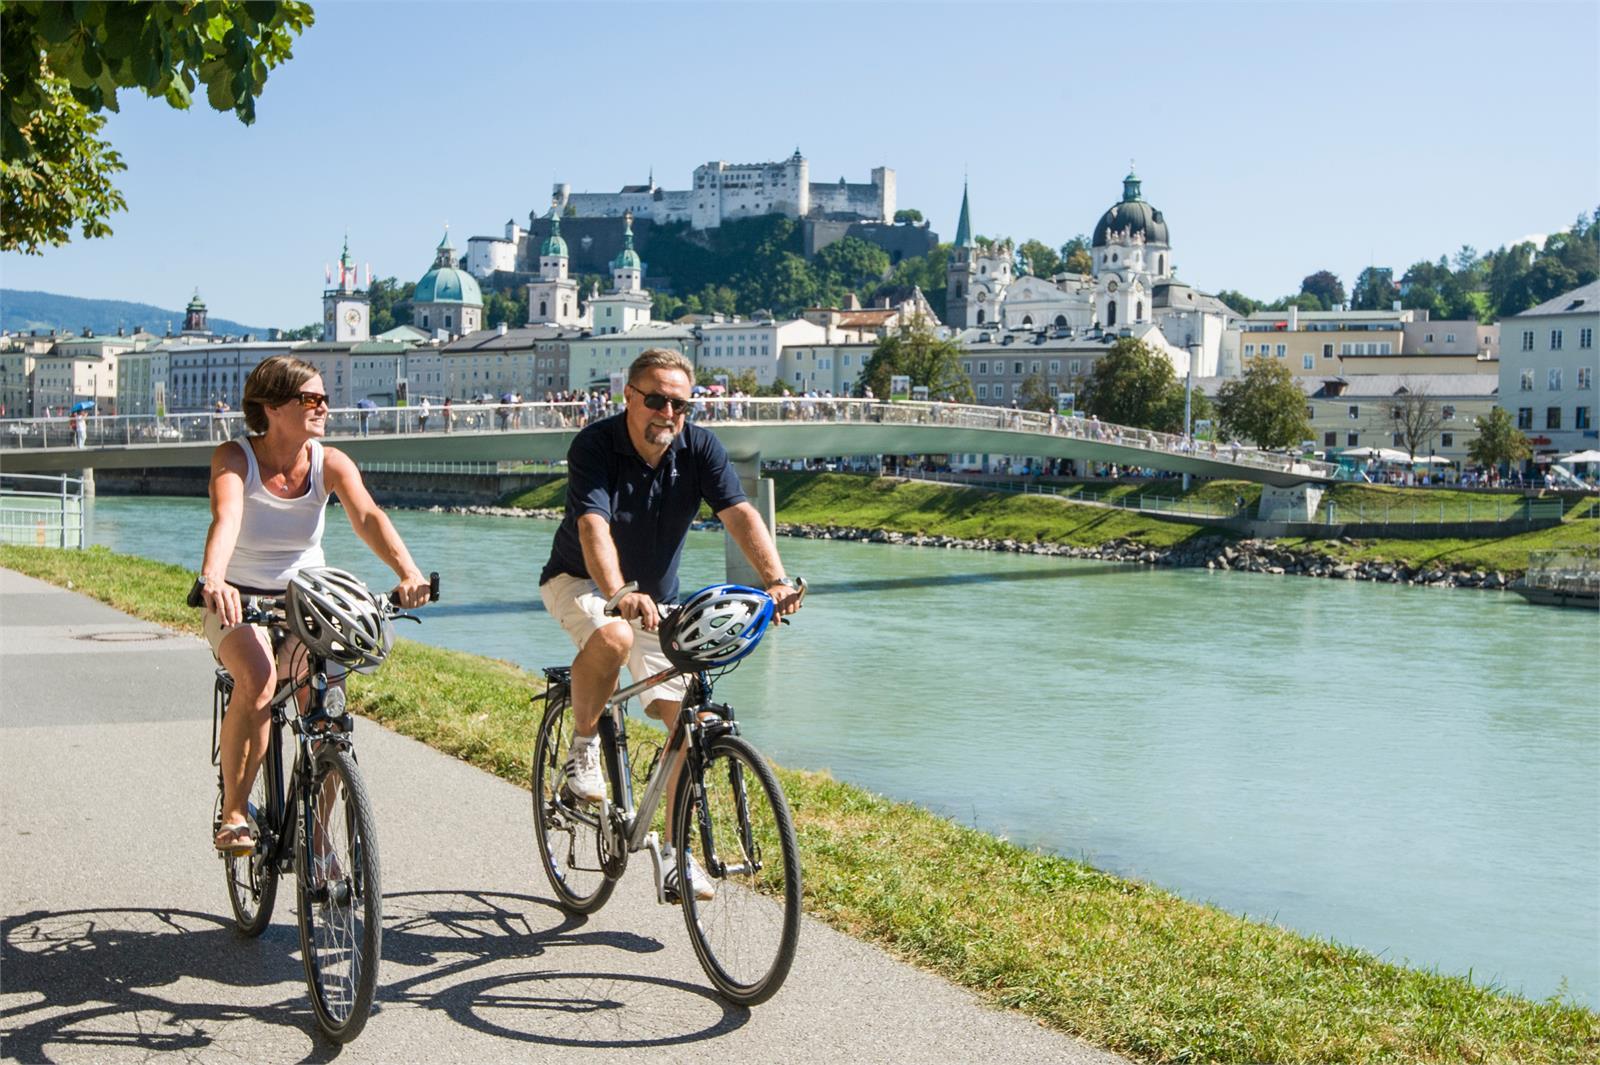 Radtour in die Stadt Salzburg | ©Tourismus Salzburg - Reinhart Bryan